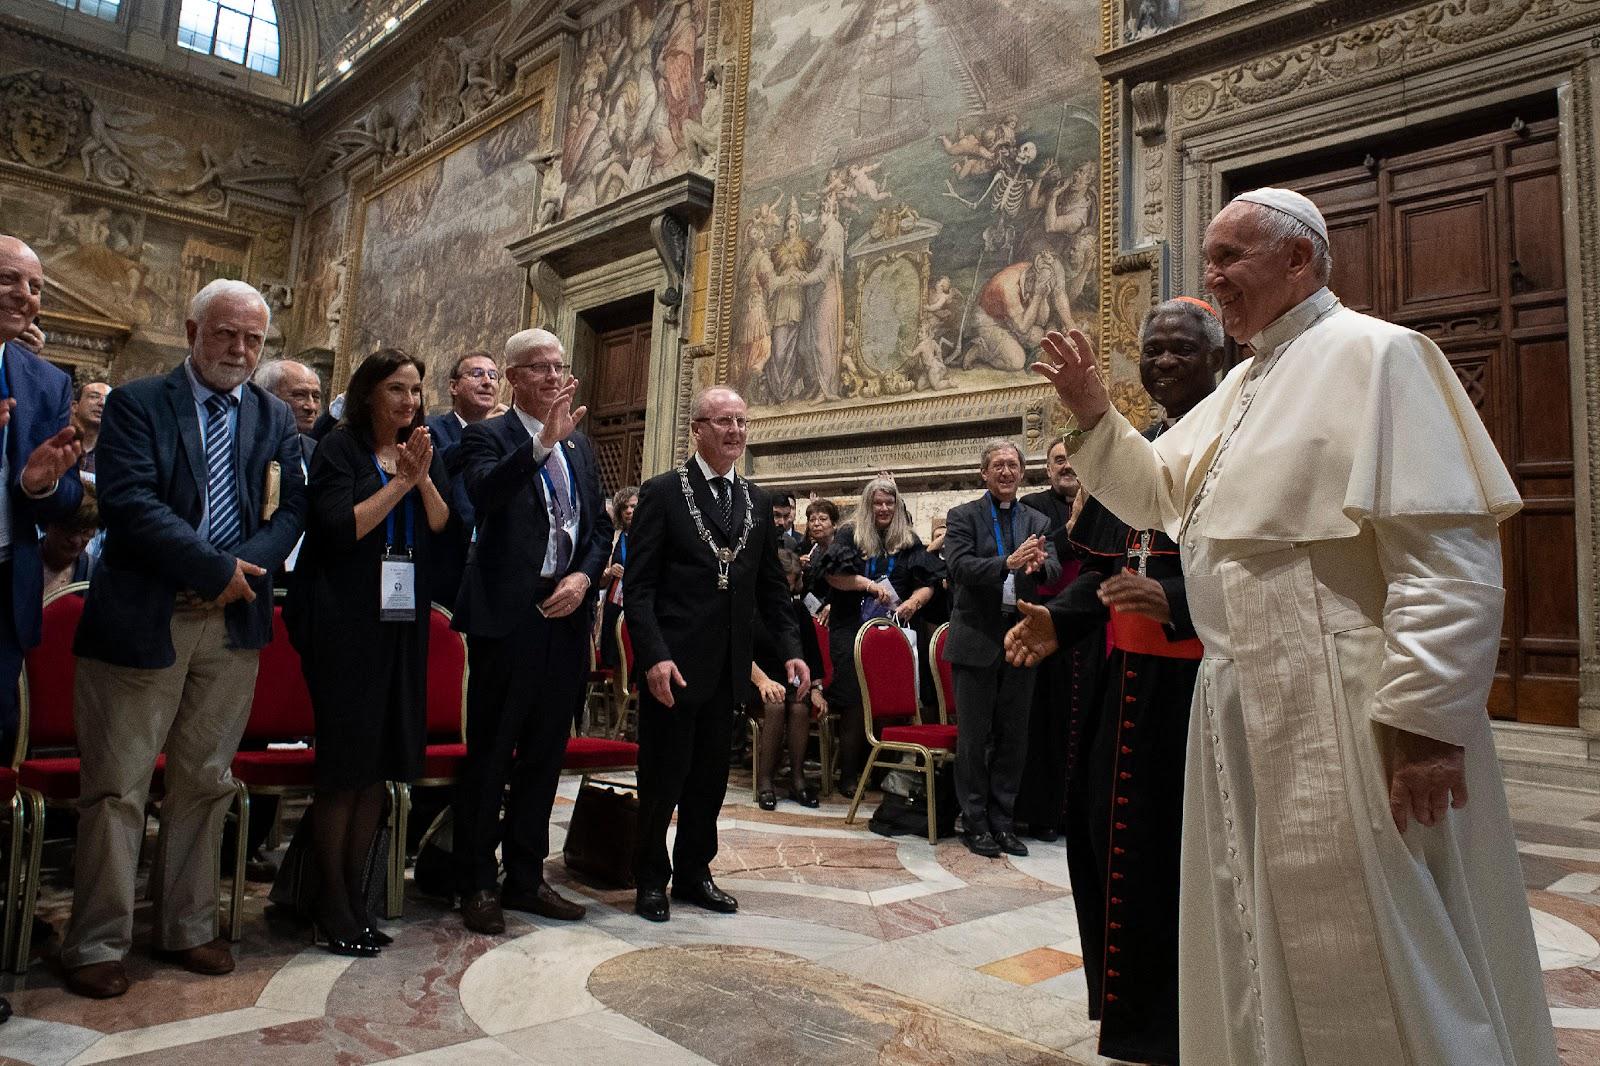 Đức Thánh Cha nói các bạn trẻ: 'Chúng con là hiện tại của Chúa, là hiện tại của Giáo hội!'